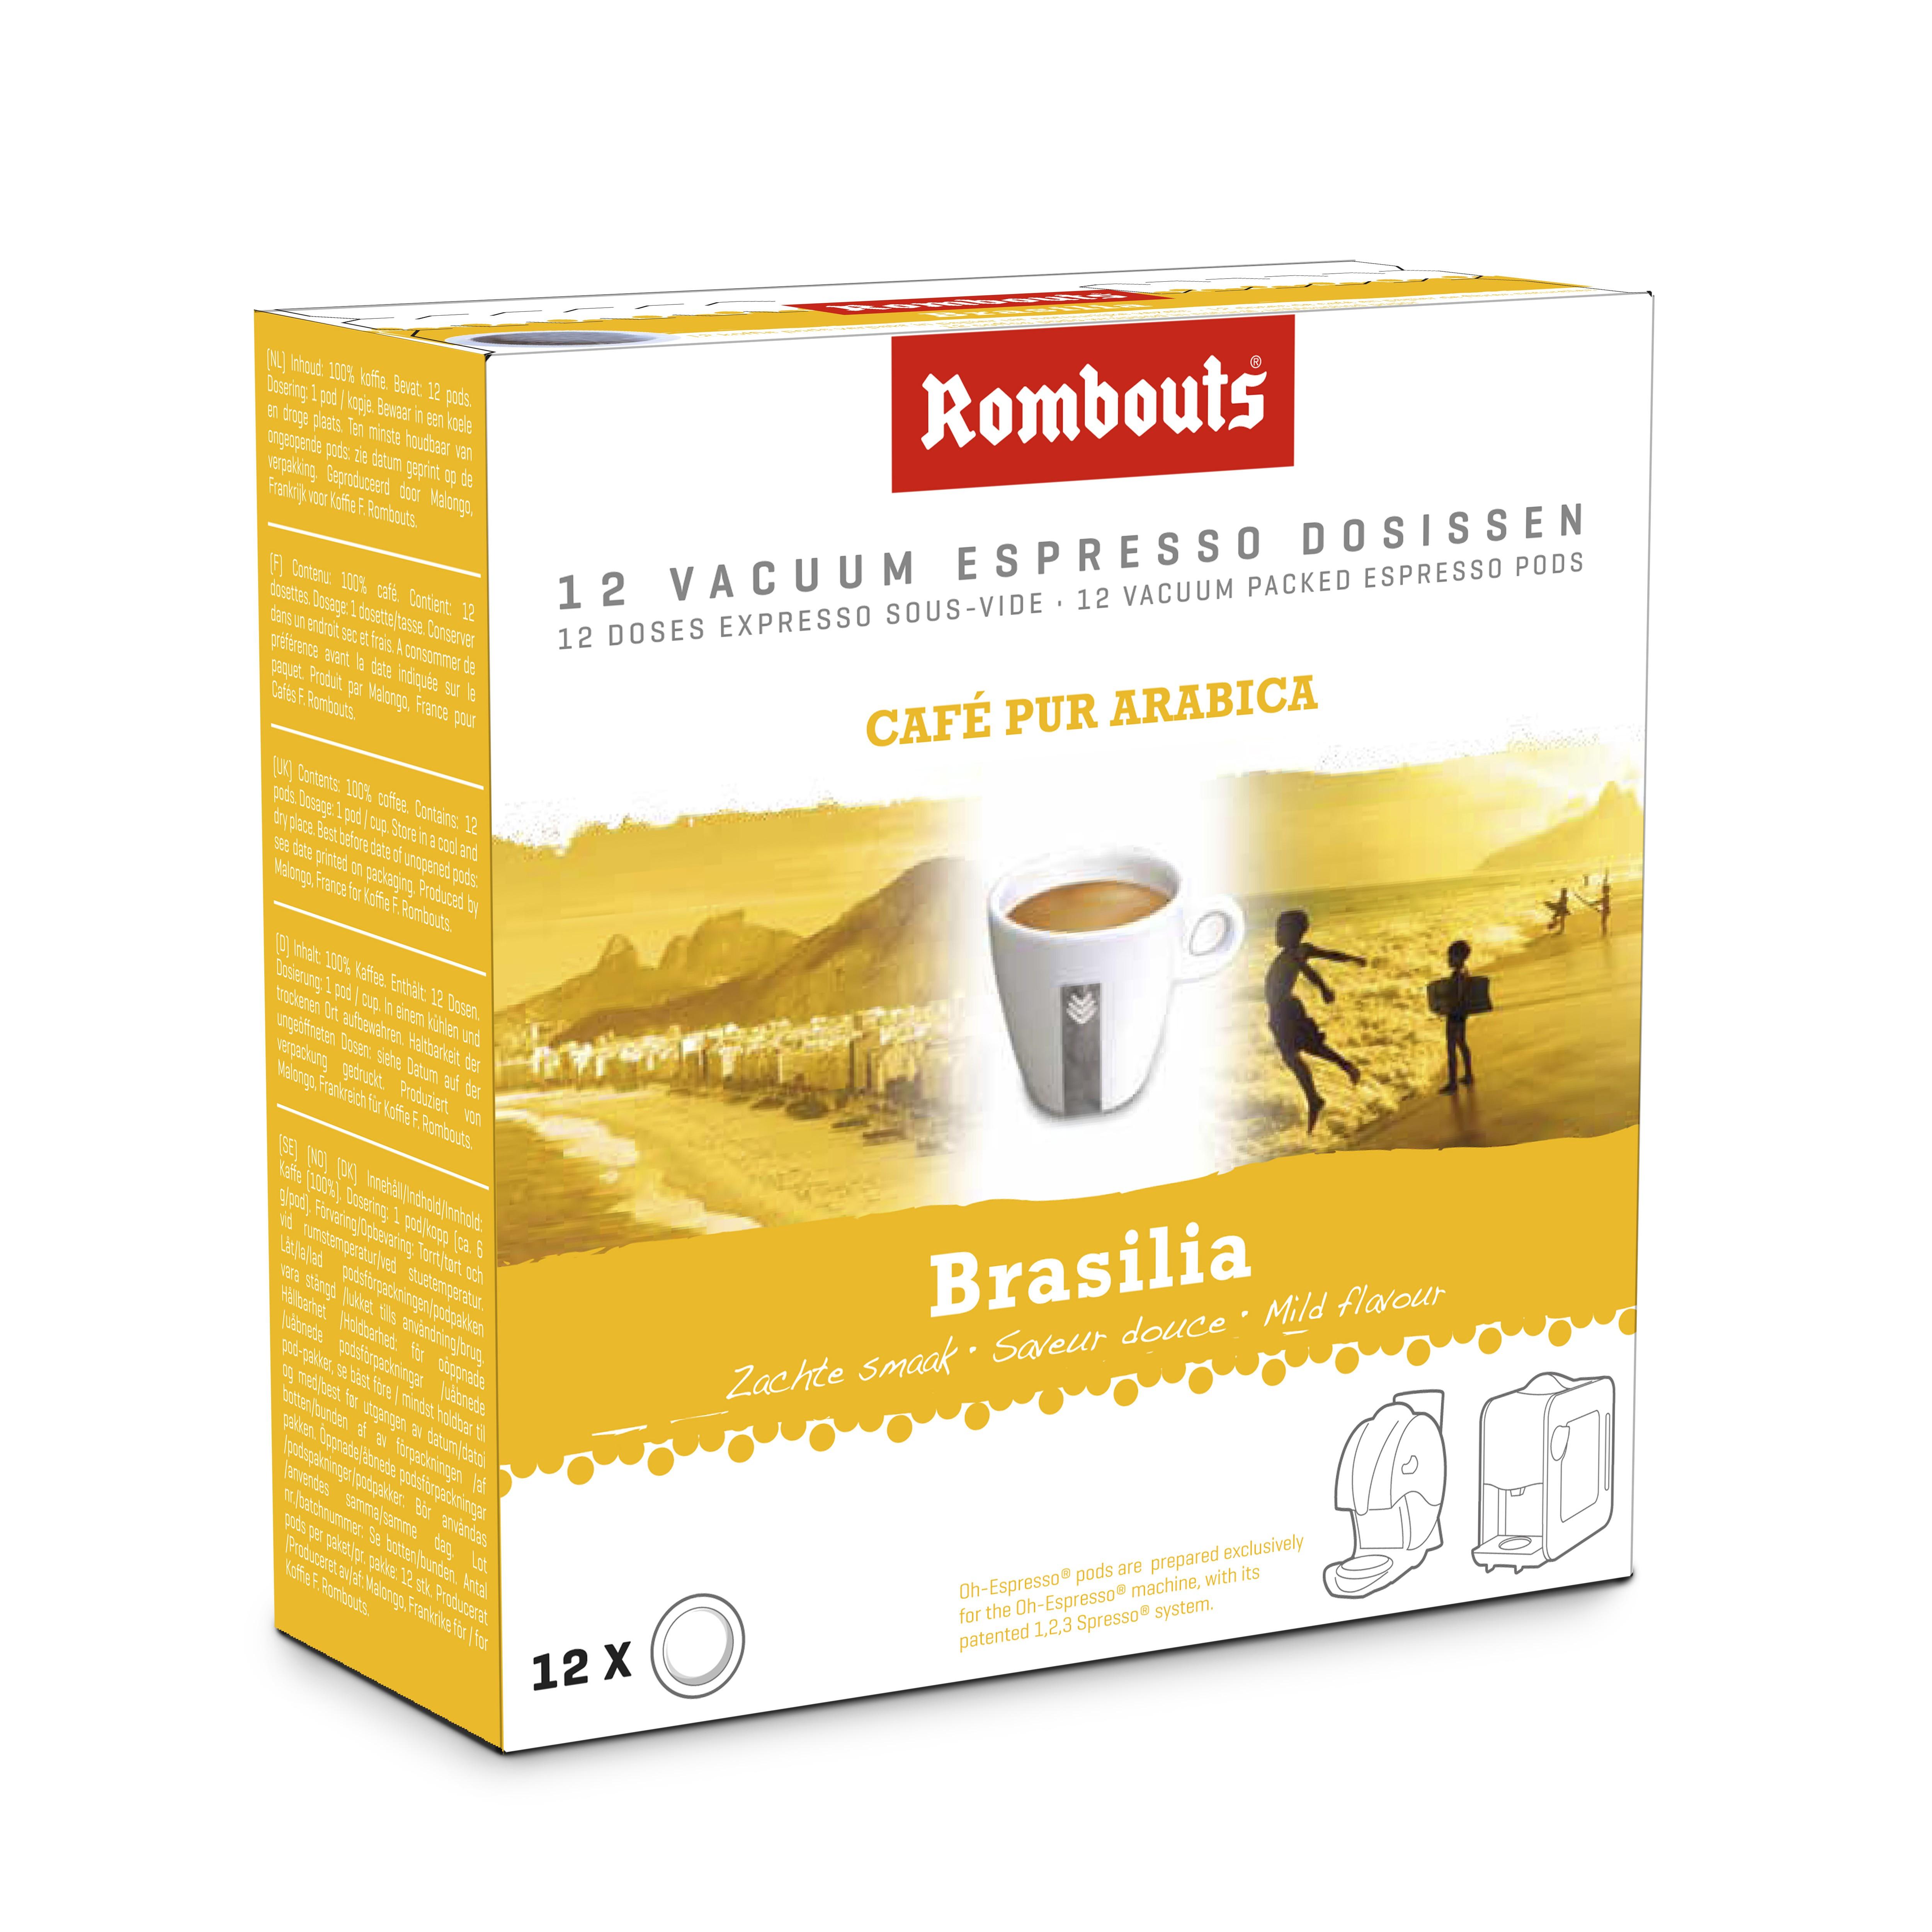 Brasilia pods